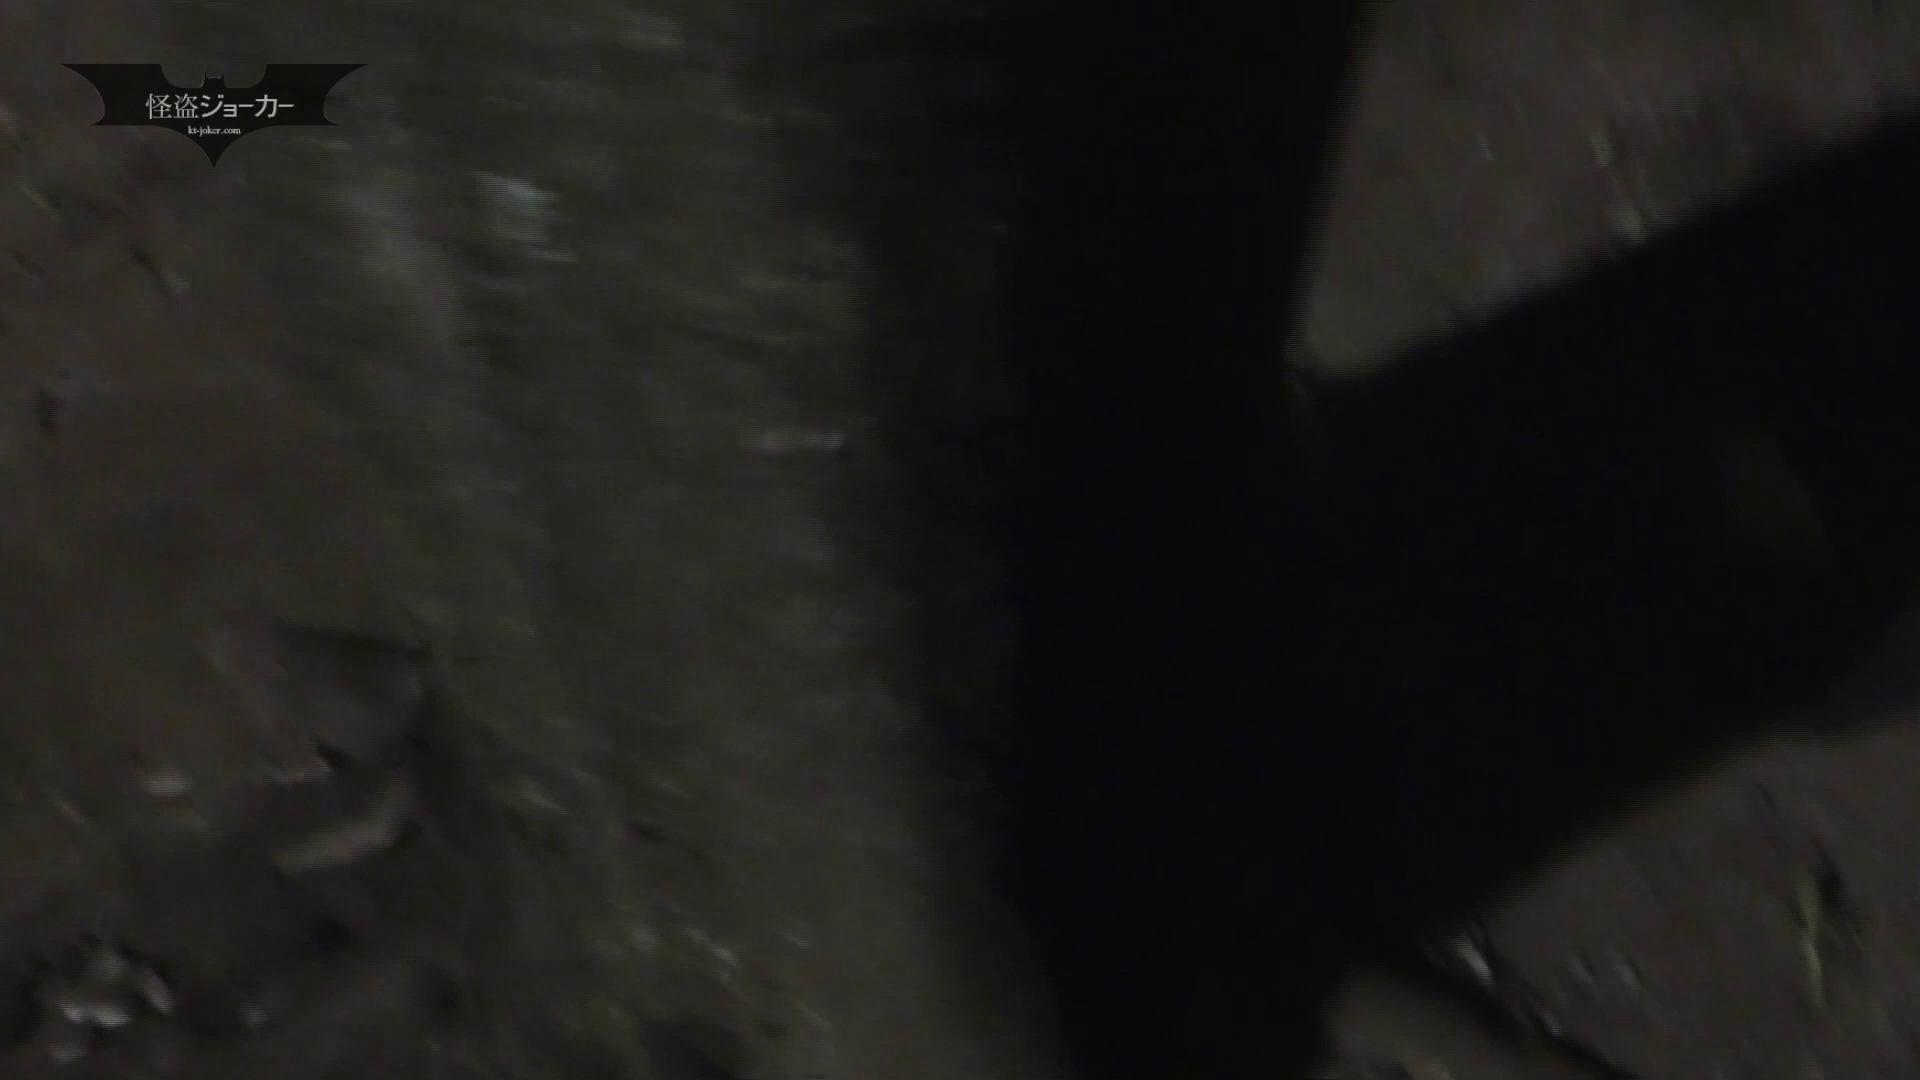 ヒトニアラヅNo.10 雪の様な白い肌 高画質 われめAV動画紹介 108画像 5